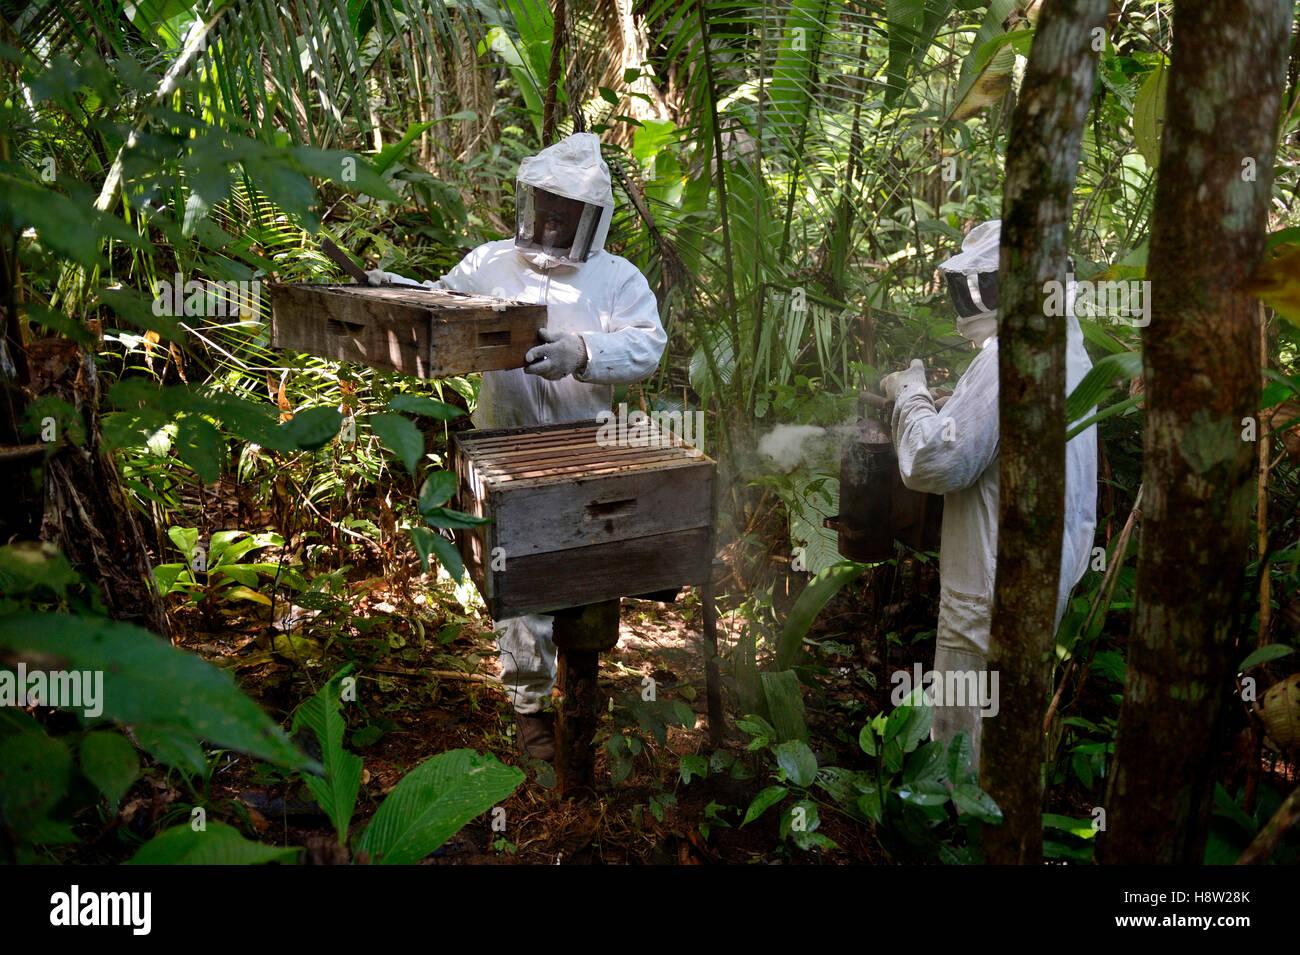 Les apiculteurs avec deux ruches dans la forêt amazonienne, l'abeille domestique (Apis mellifera), Asentamento Areia, Banque D'Images